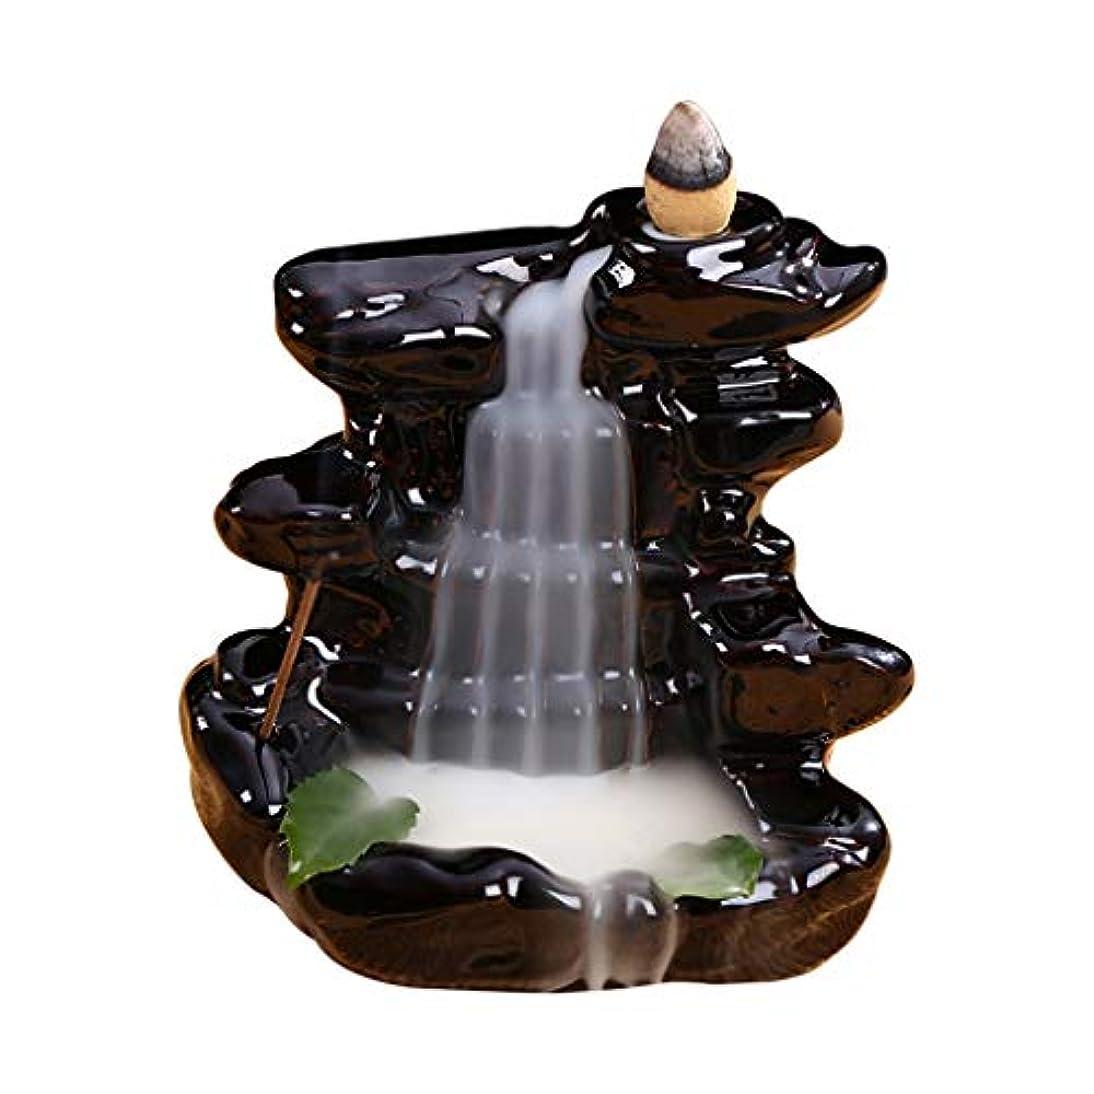 読みやすさかろうじて振幅渓流セラミック香炉バックフロー滝香ホルダーホーム香り装飾香スティックコーンバーナーホルダー (Color : Black, サイズ : 4.33*4.44 inches)